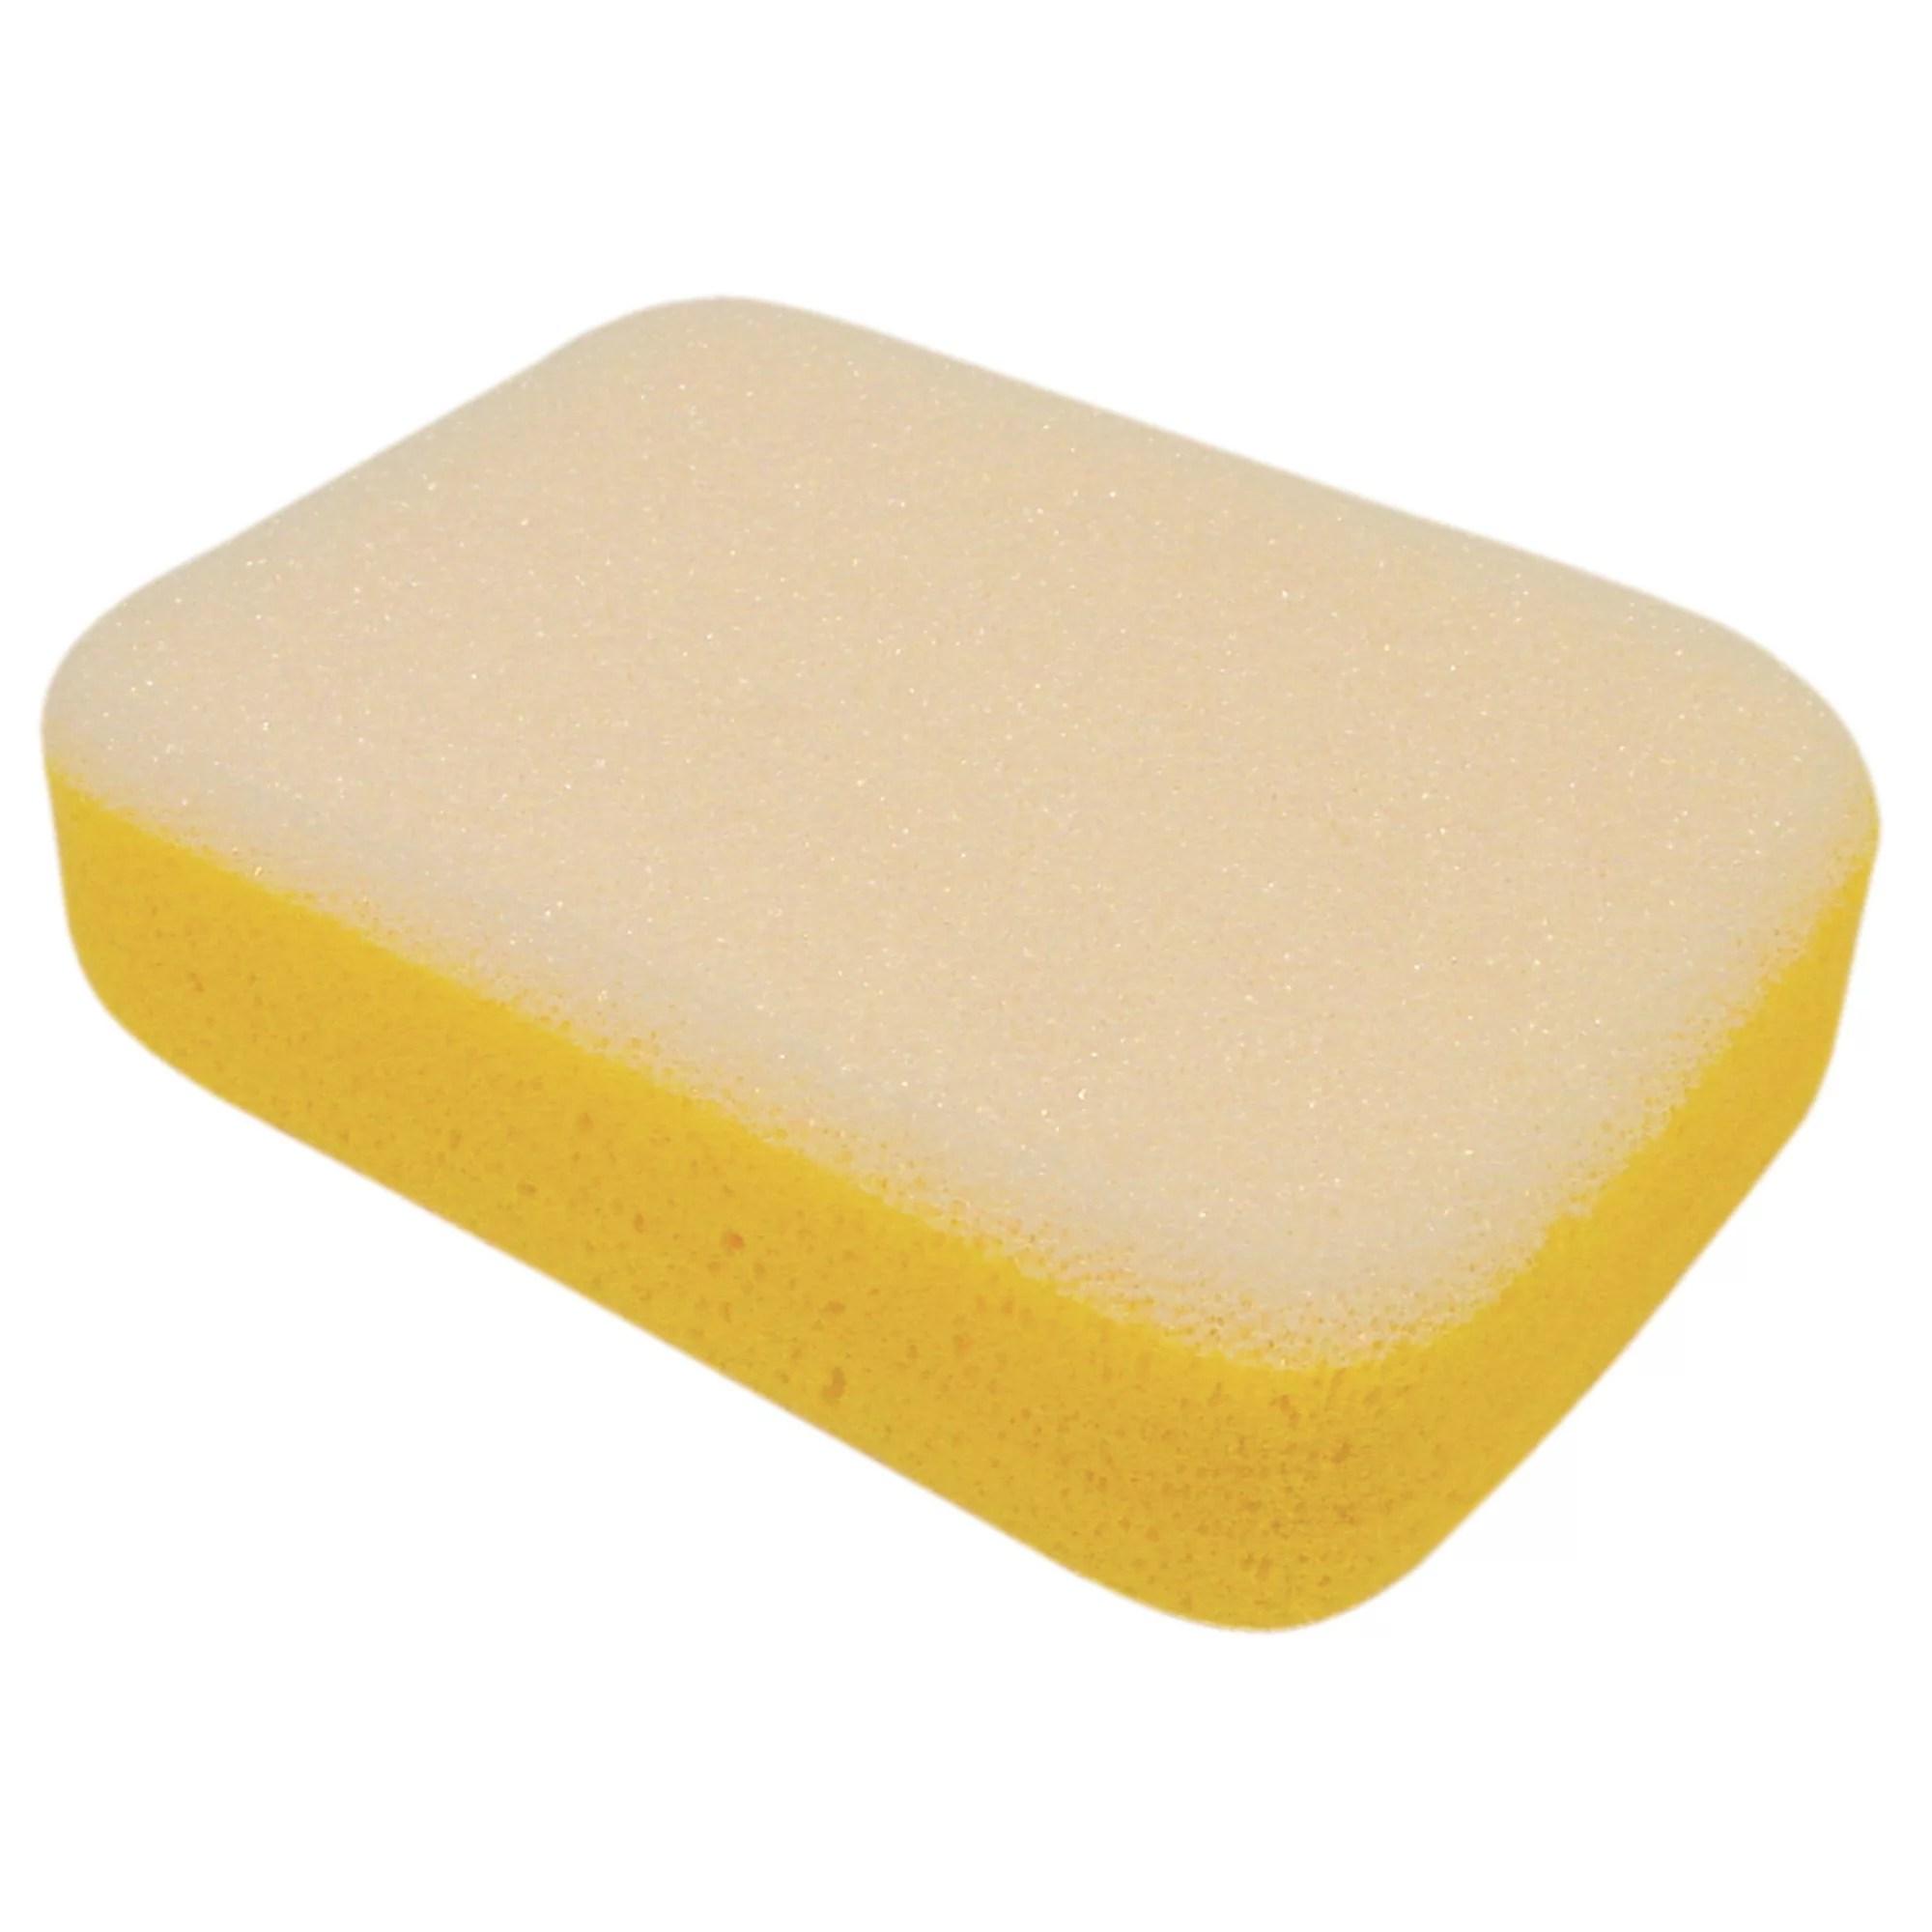 vitrex yellow grout sponge